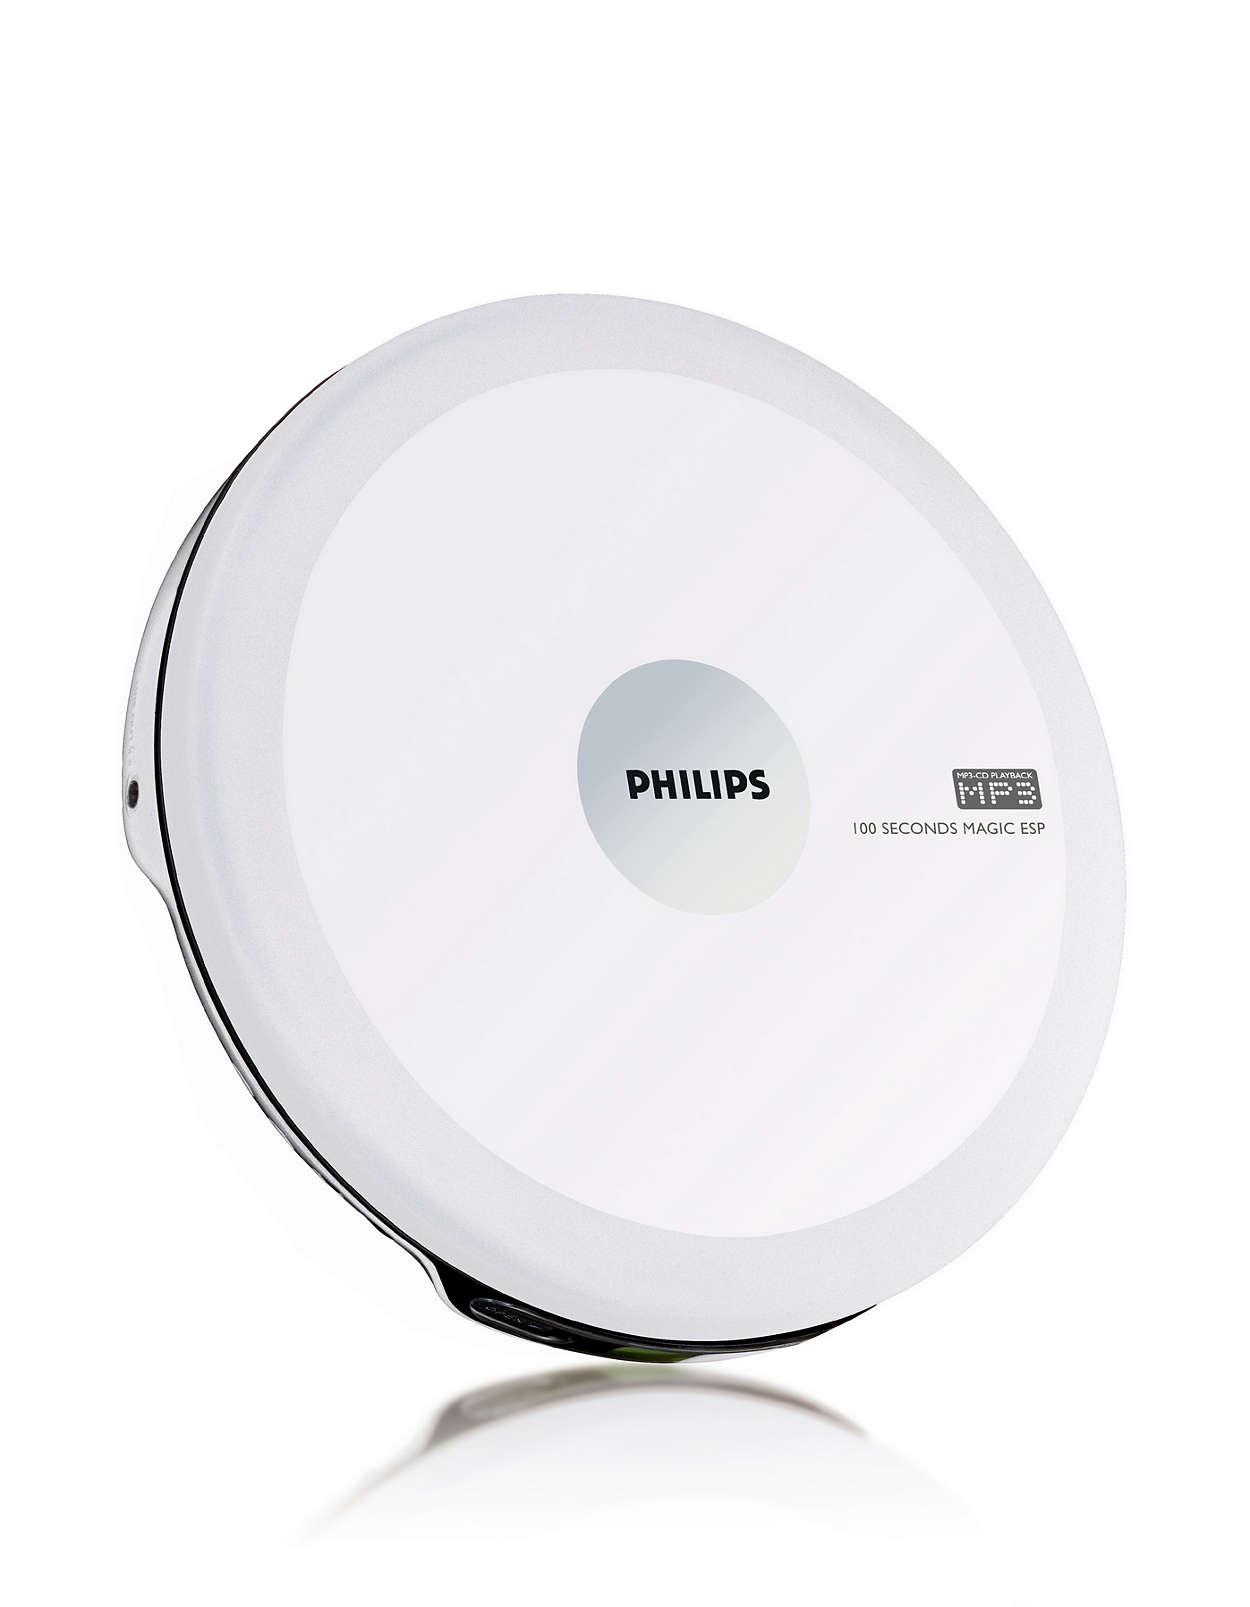 tragbarer mp3 cd player exp2540 02 philips. Black Bedroom Furniture Sets. Home Design Ideas